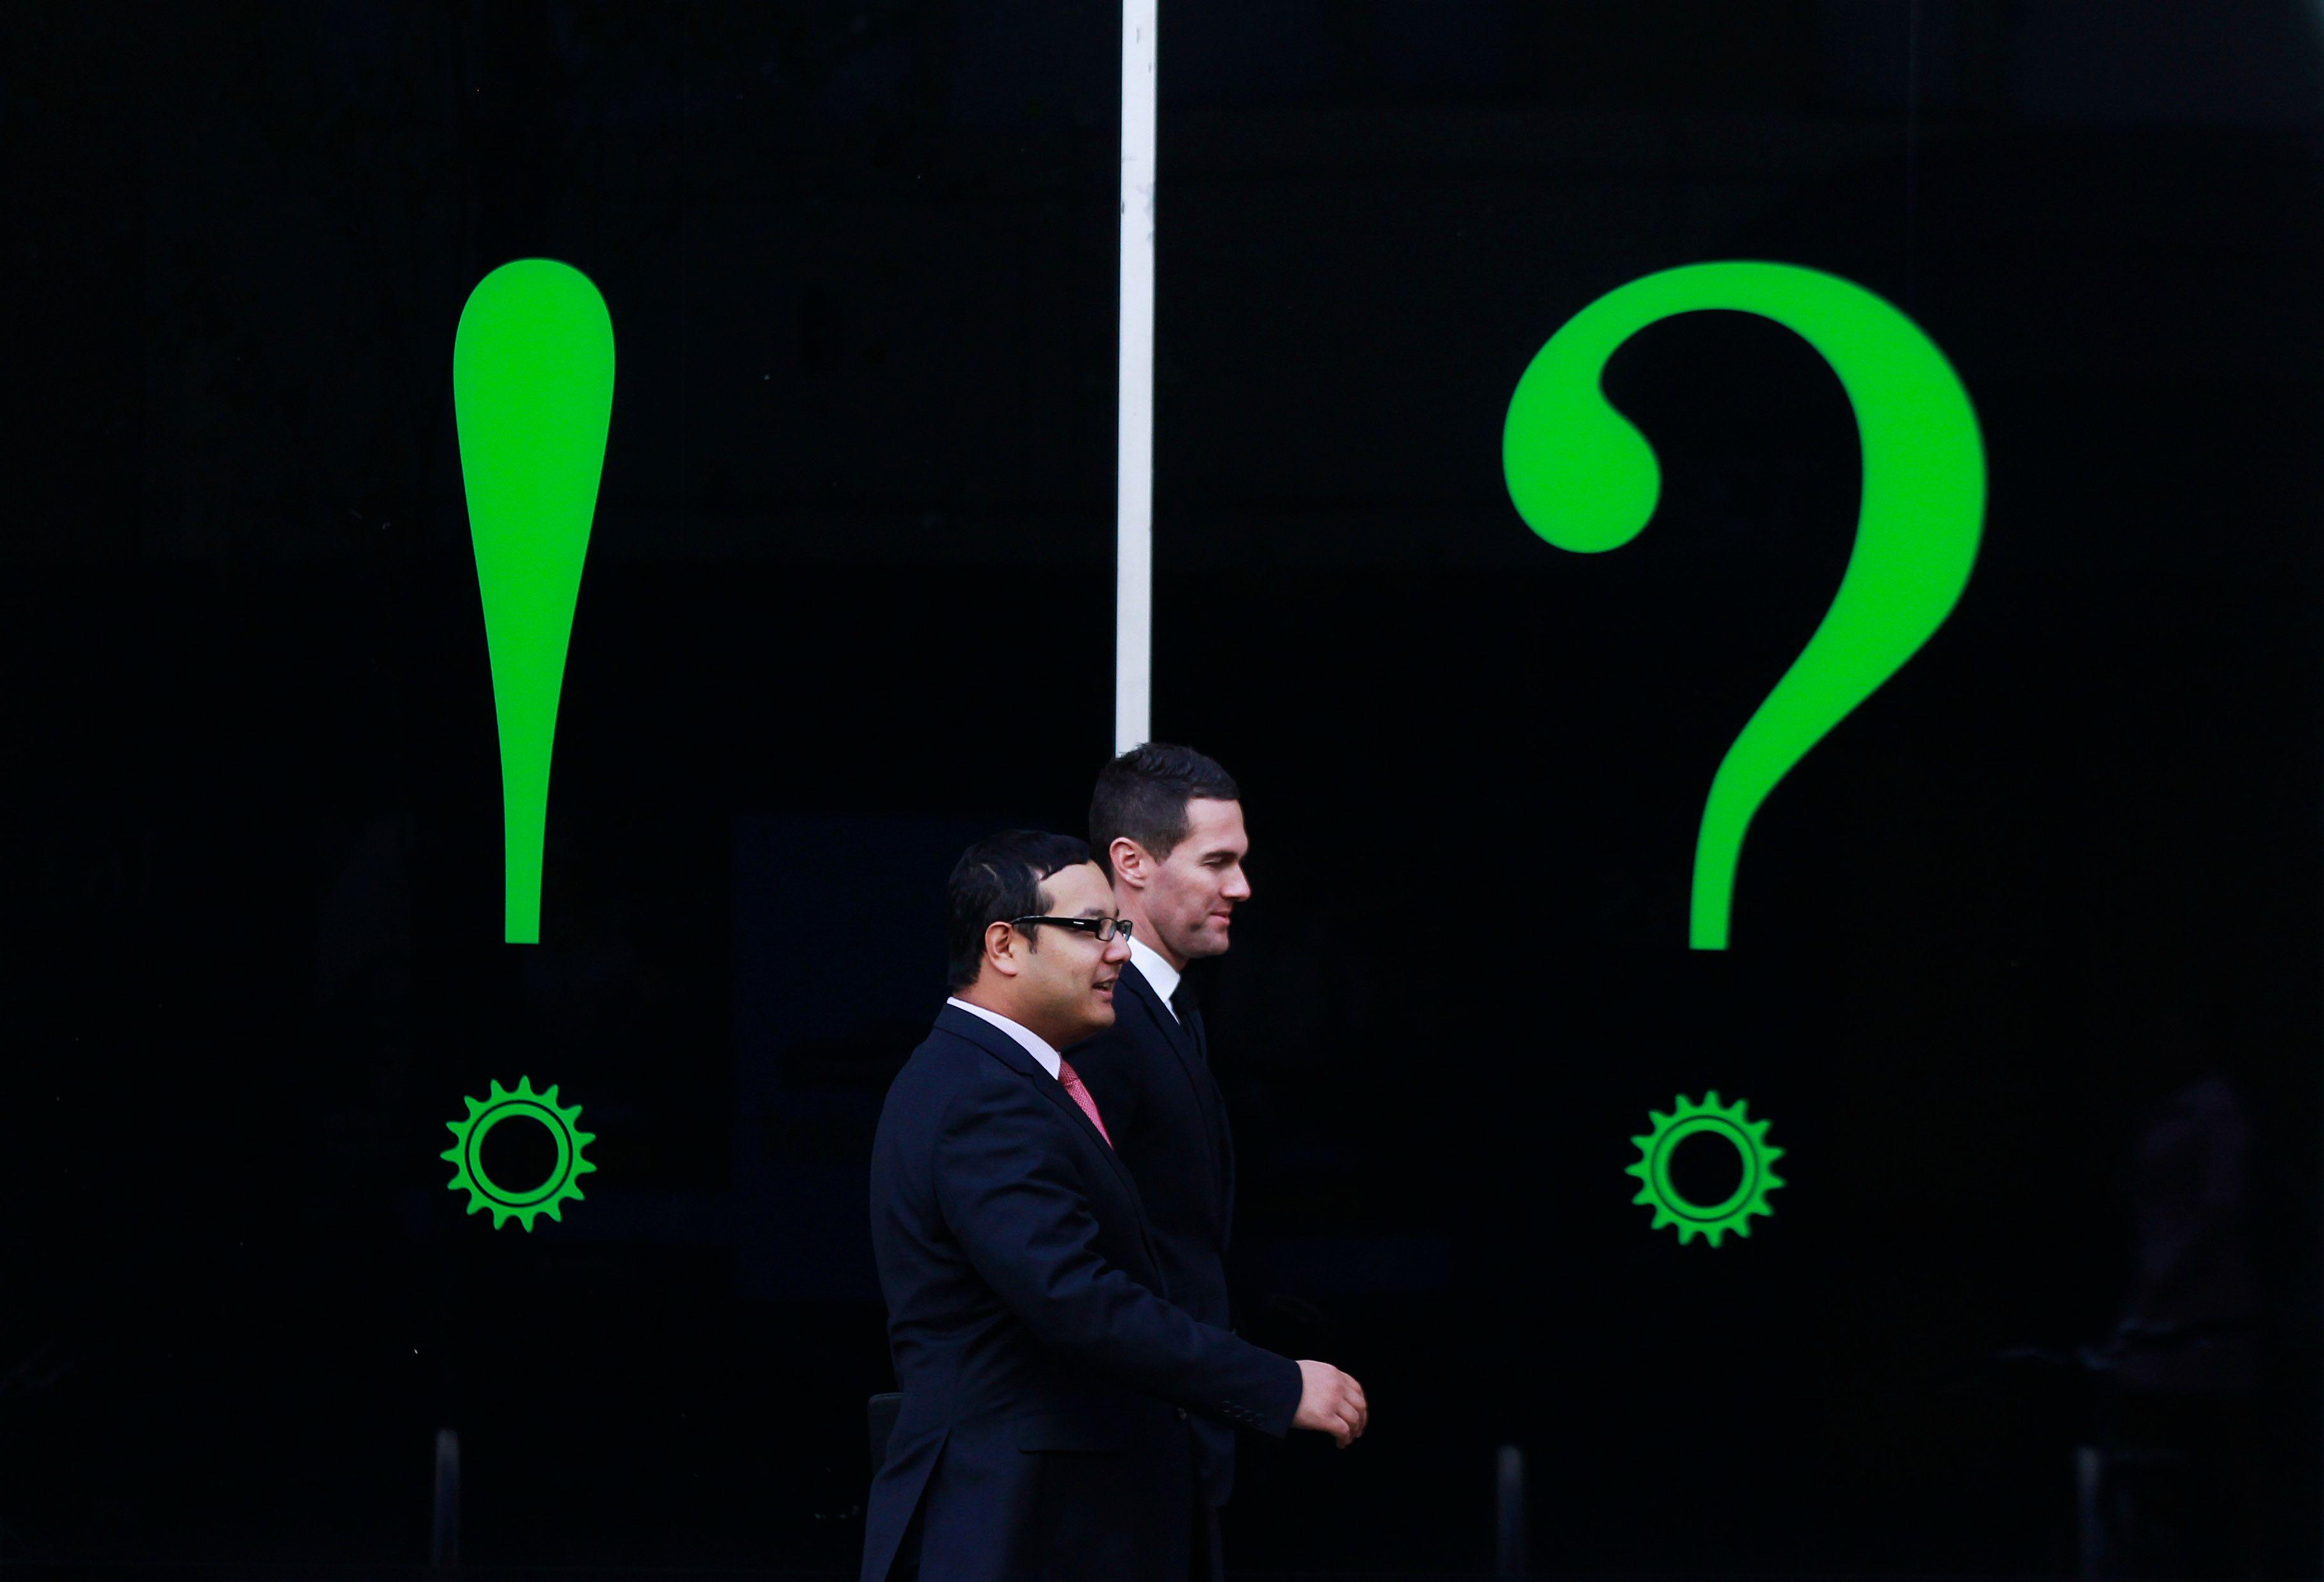 Et pour vous Nicolas Bouzou, s'il fallait retenir 5 personnalités qui vont faire l'économie en 2015, qui seraient-elles ?